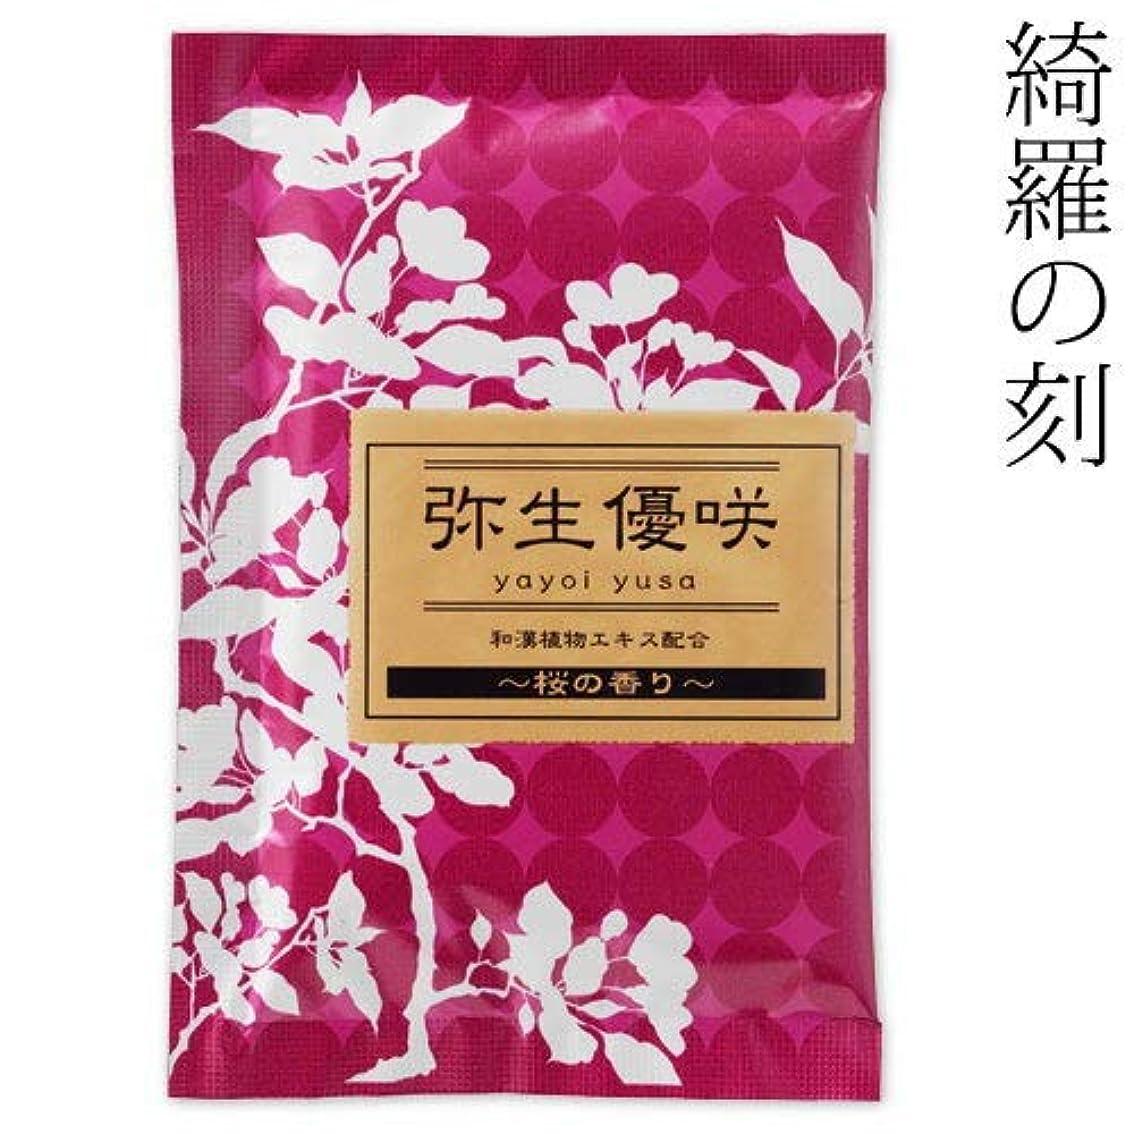 材料資源日光入浴剤綺羅の刻桜の香り弥生優咲1包石川県のお風呂グッズBath additive, Ishikawa craft